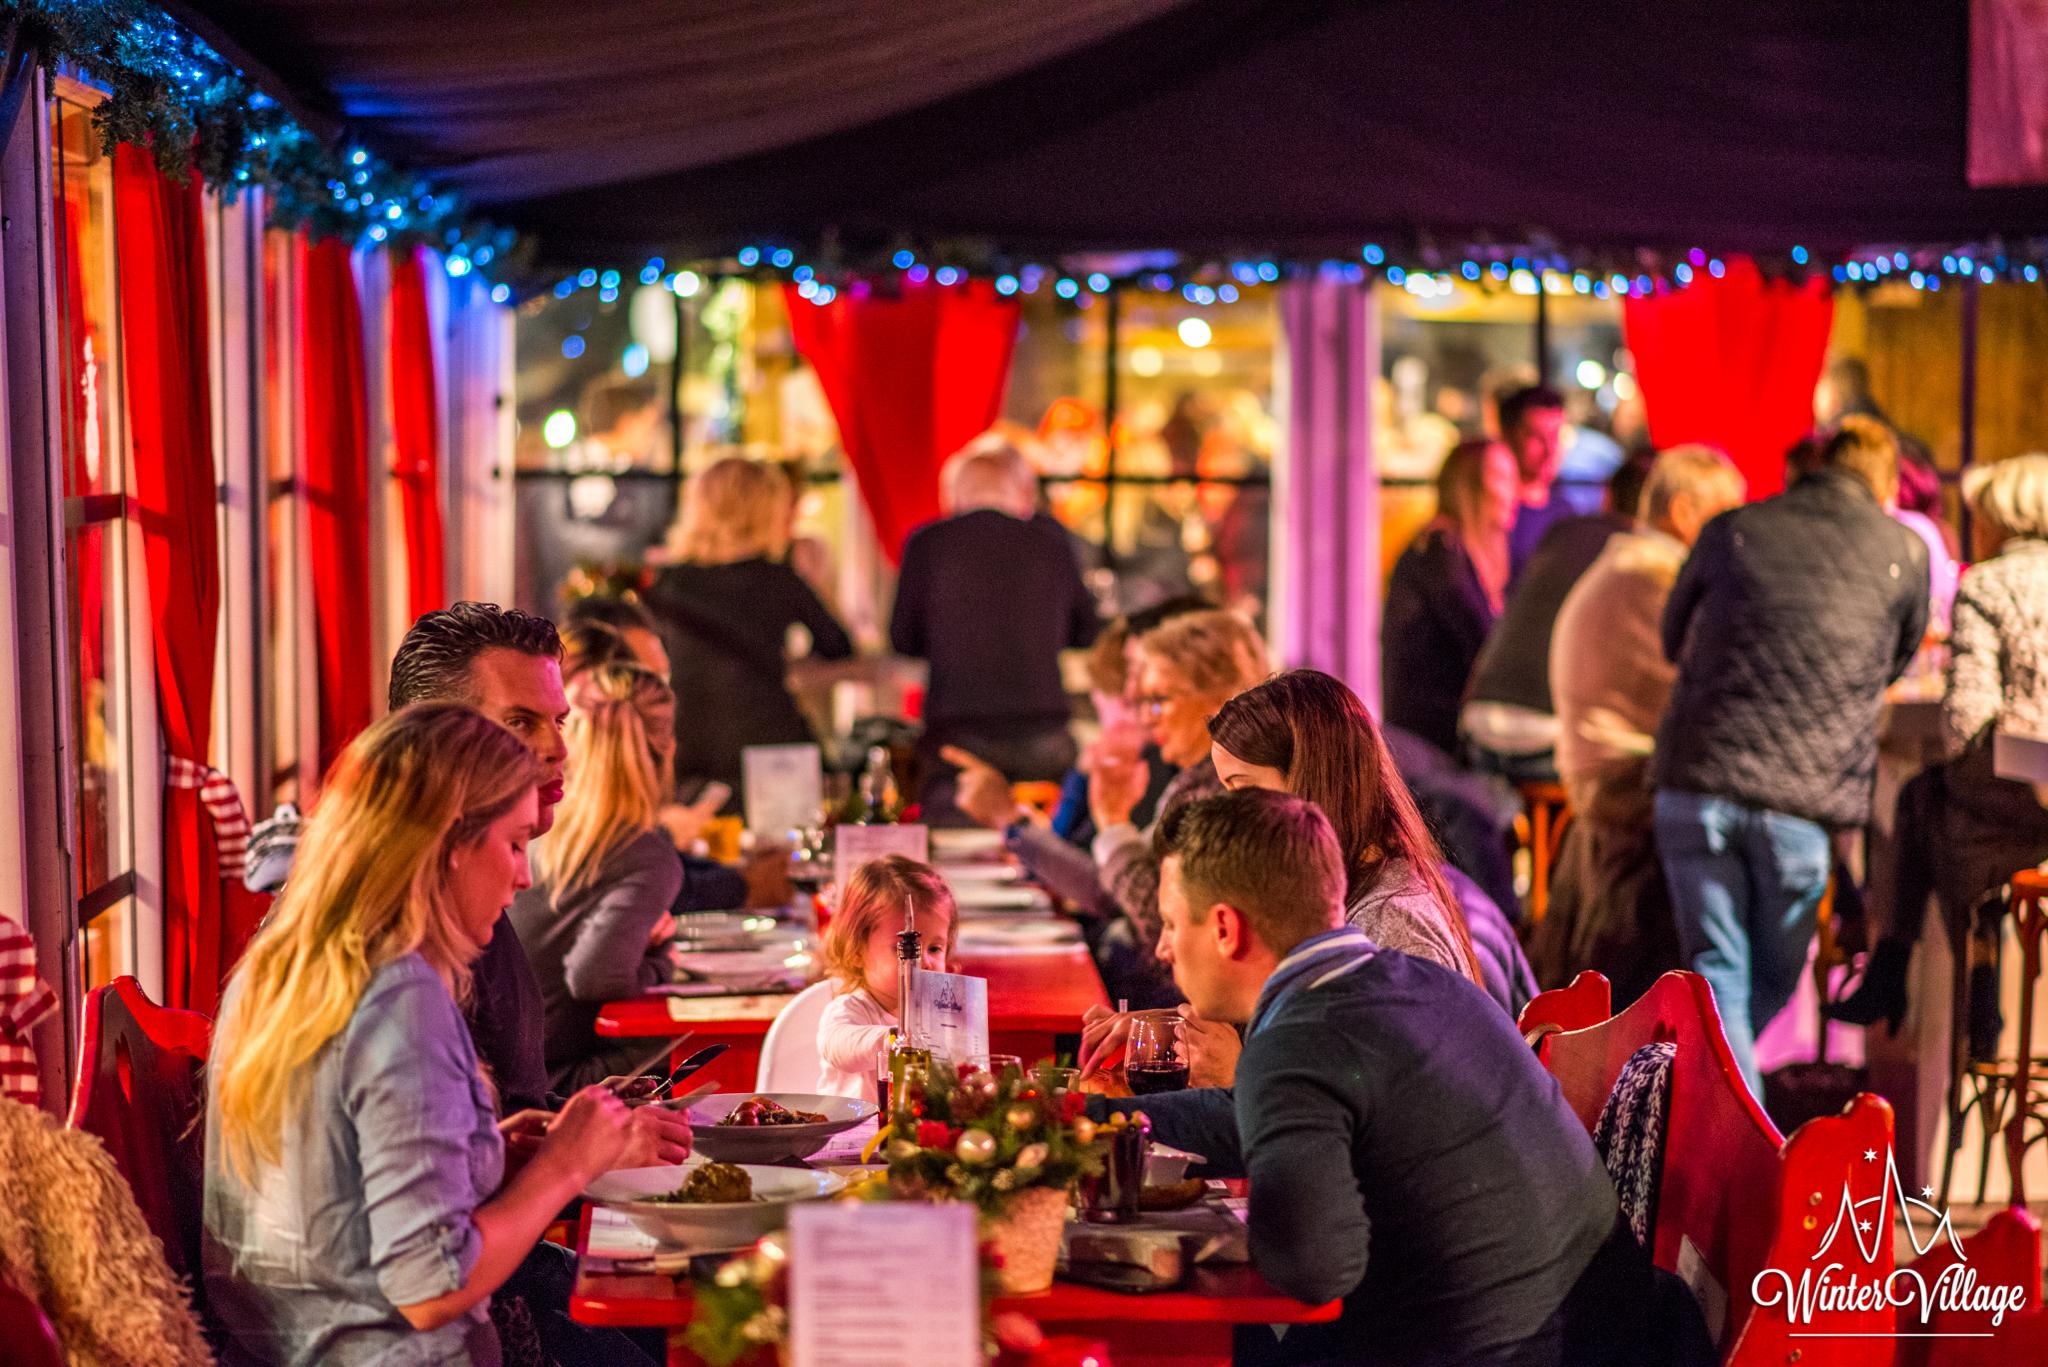 Winter Village Laren Pop-Up Restaurant